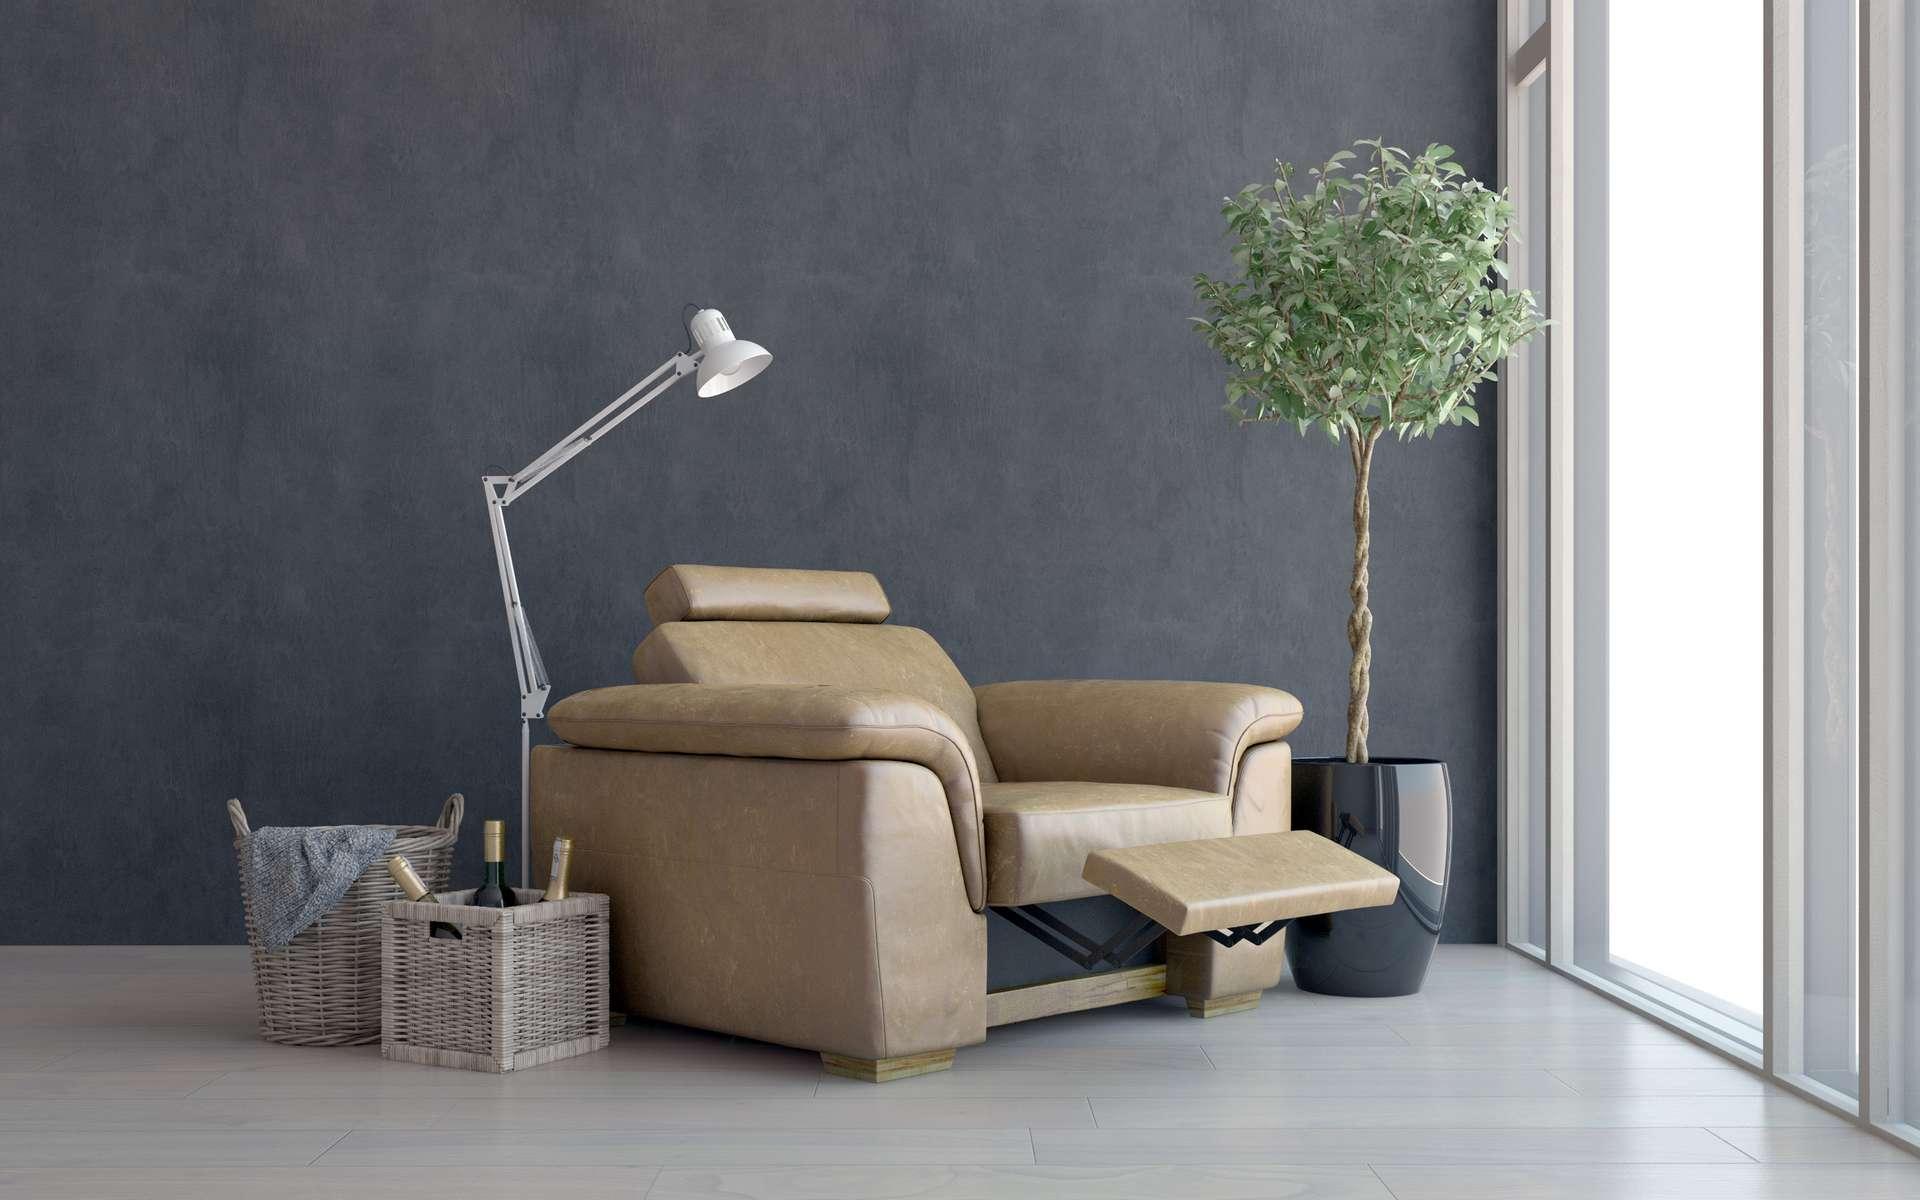 Le fauteuil inclinable existe avec diverses options. © XtravaganT, Adobe Stock